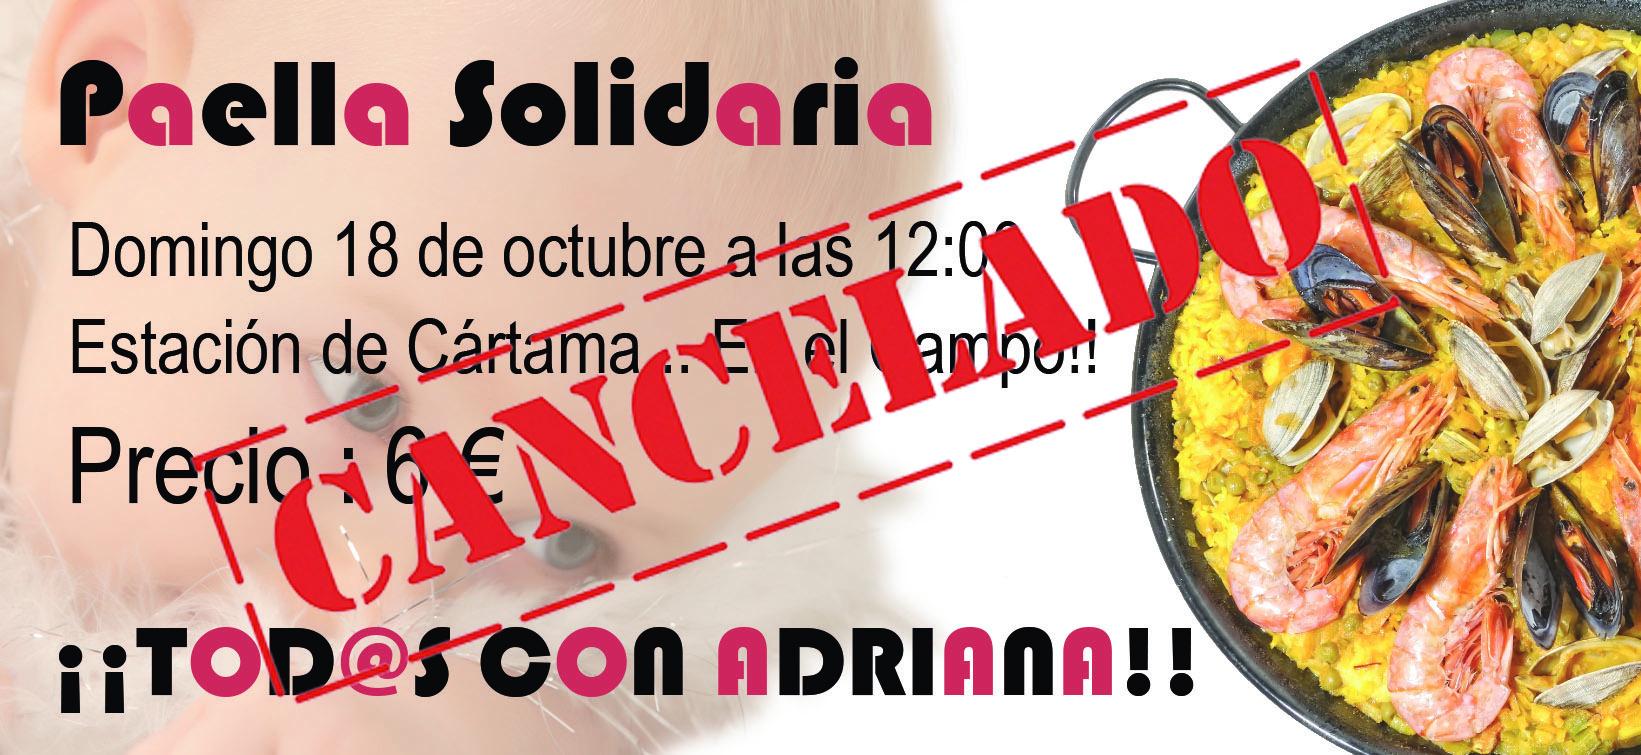 Paella Solidaria Cancelada, Síndrome de Angelman, Apadrina un Ángel